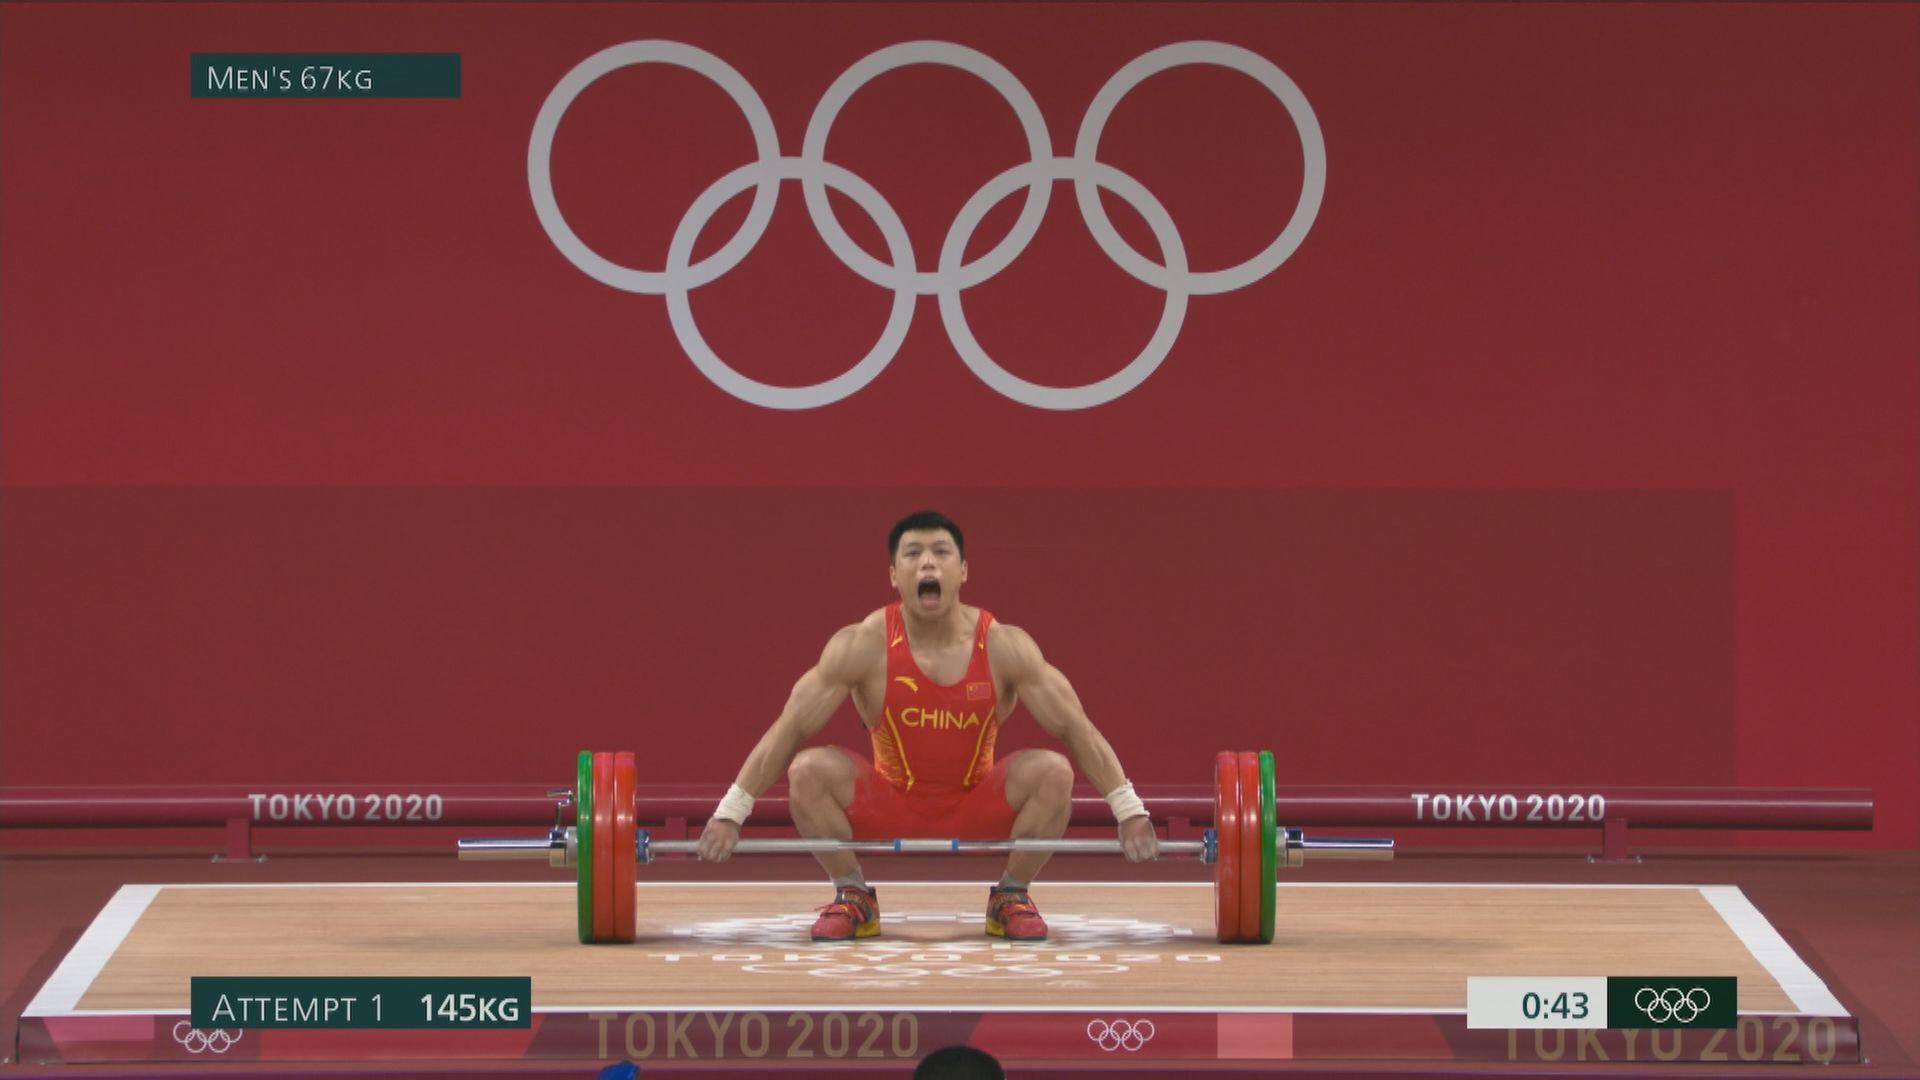 男子67公斤級舉重 中國諶利軍摘金